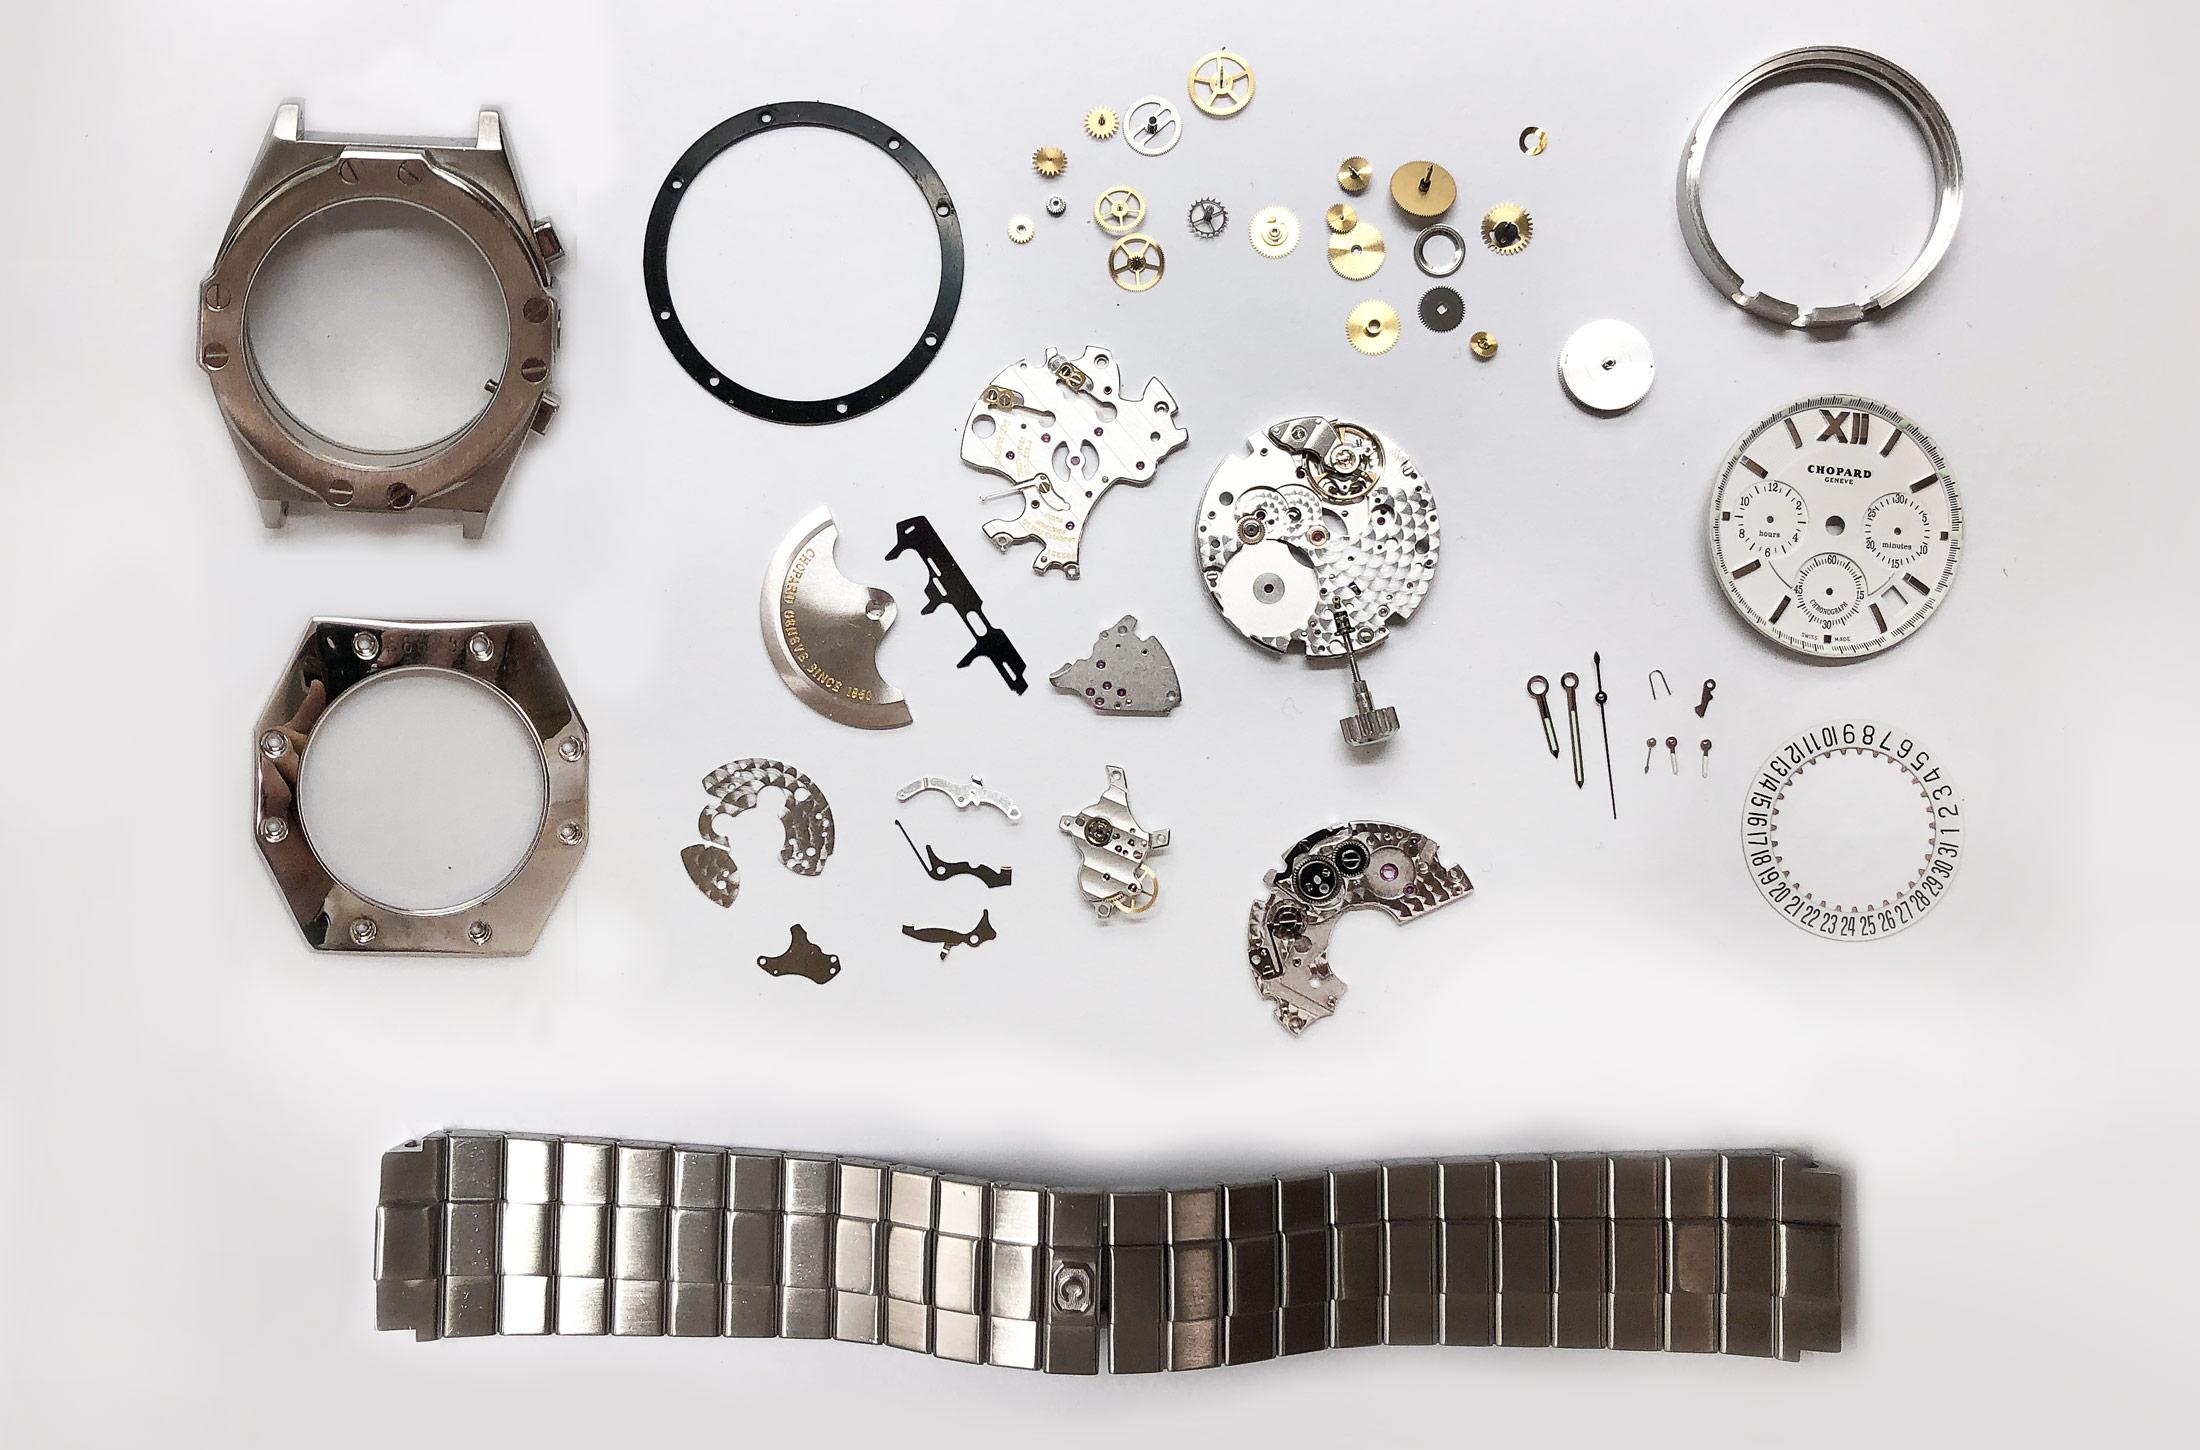 Chopard St. Moritz Chronograph Watch Repair